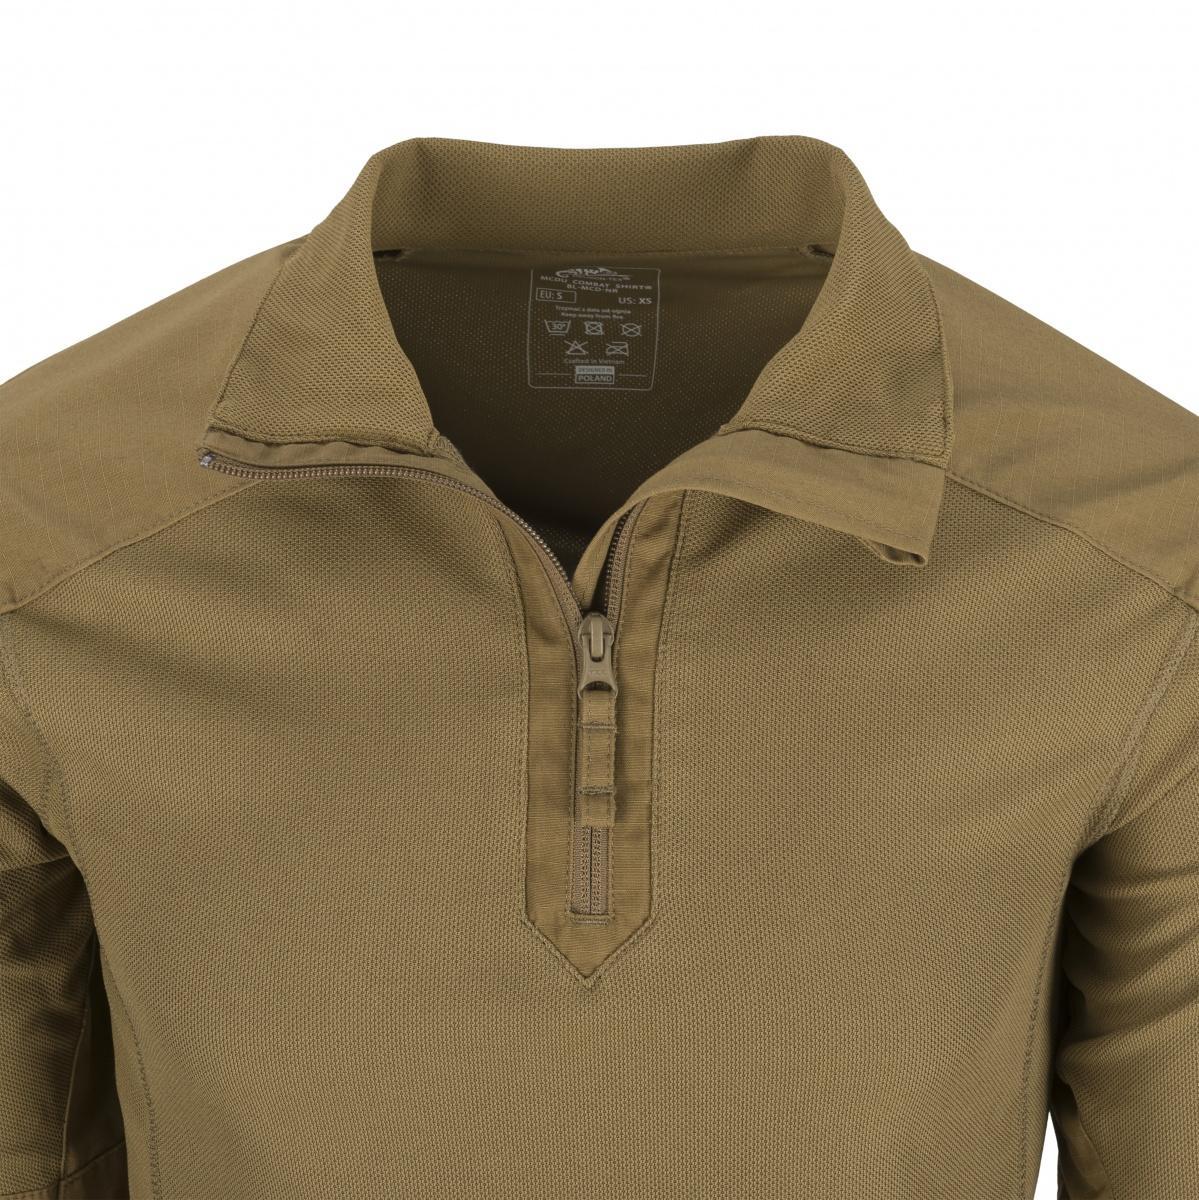 Combat Shirt MCDU zakłada się przezgłowę. Krótki zamek błyskawiczny niemoże się wrzynać podnaciskiem kamizelki /Zdjęcie: Helikon-Tex